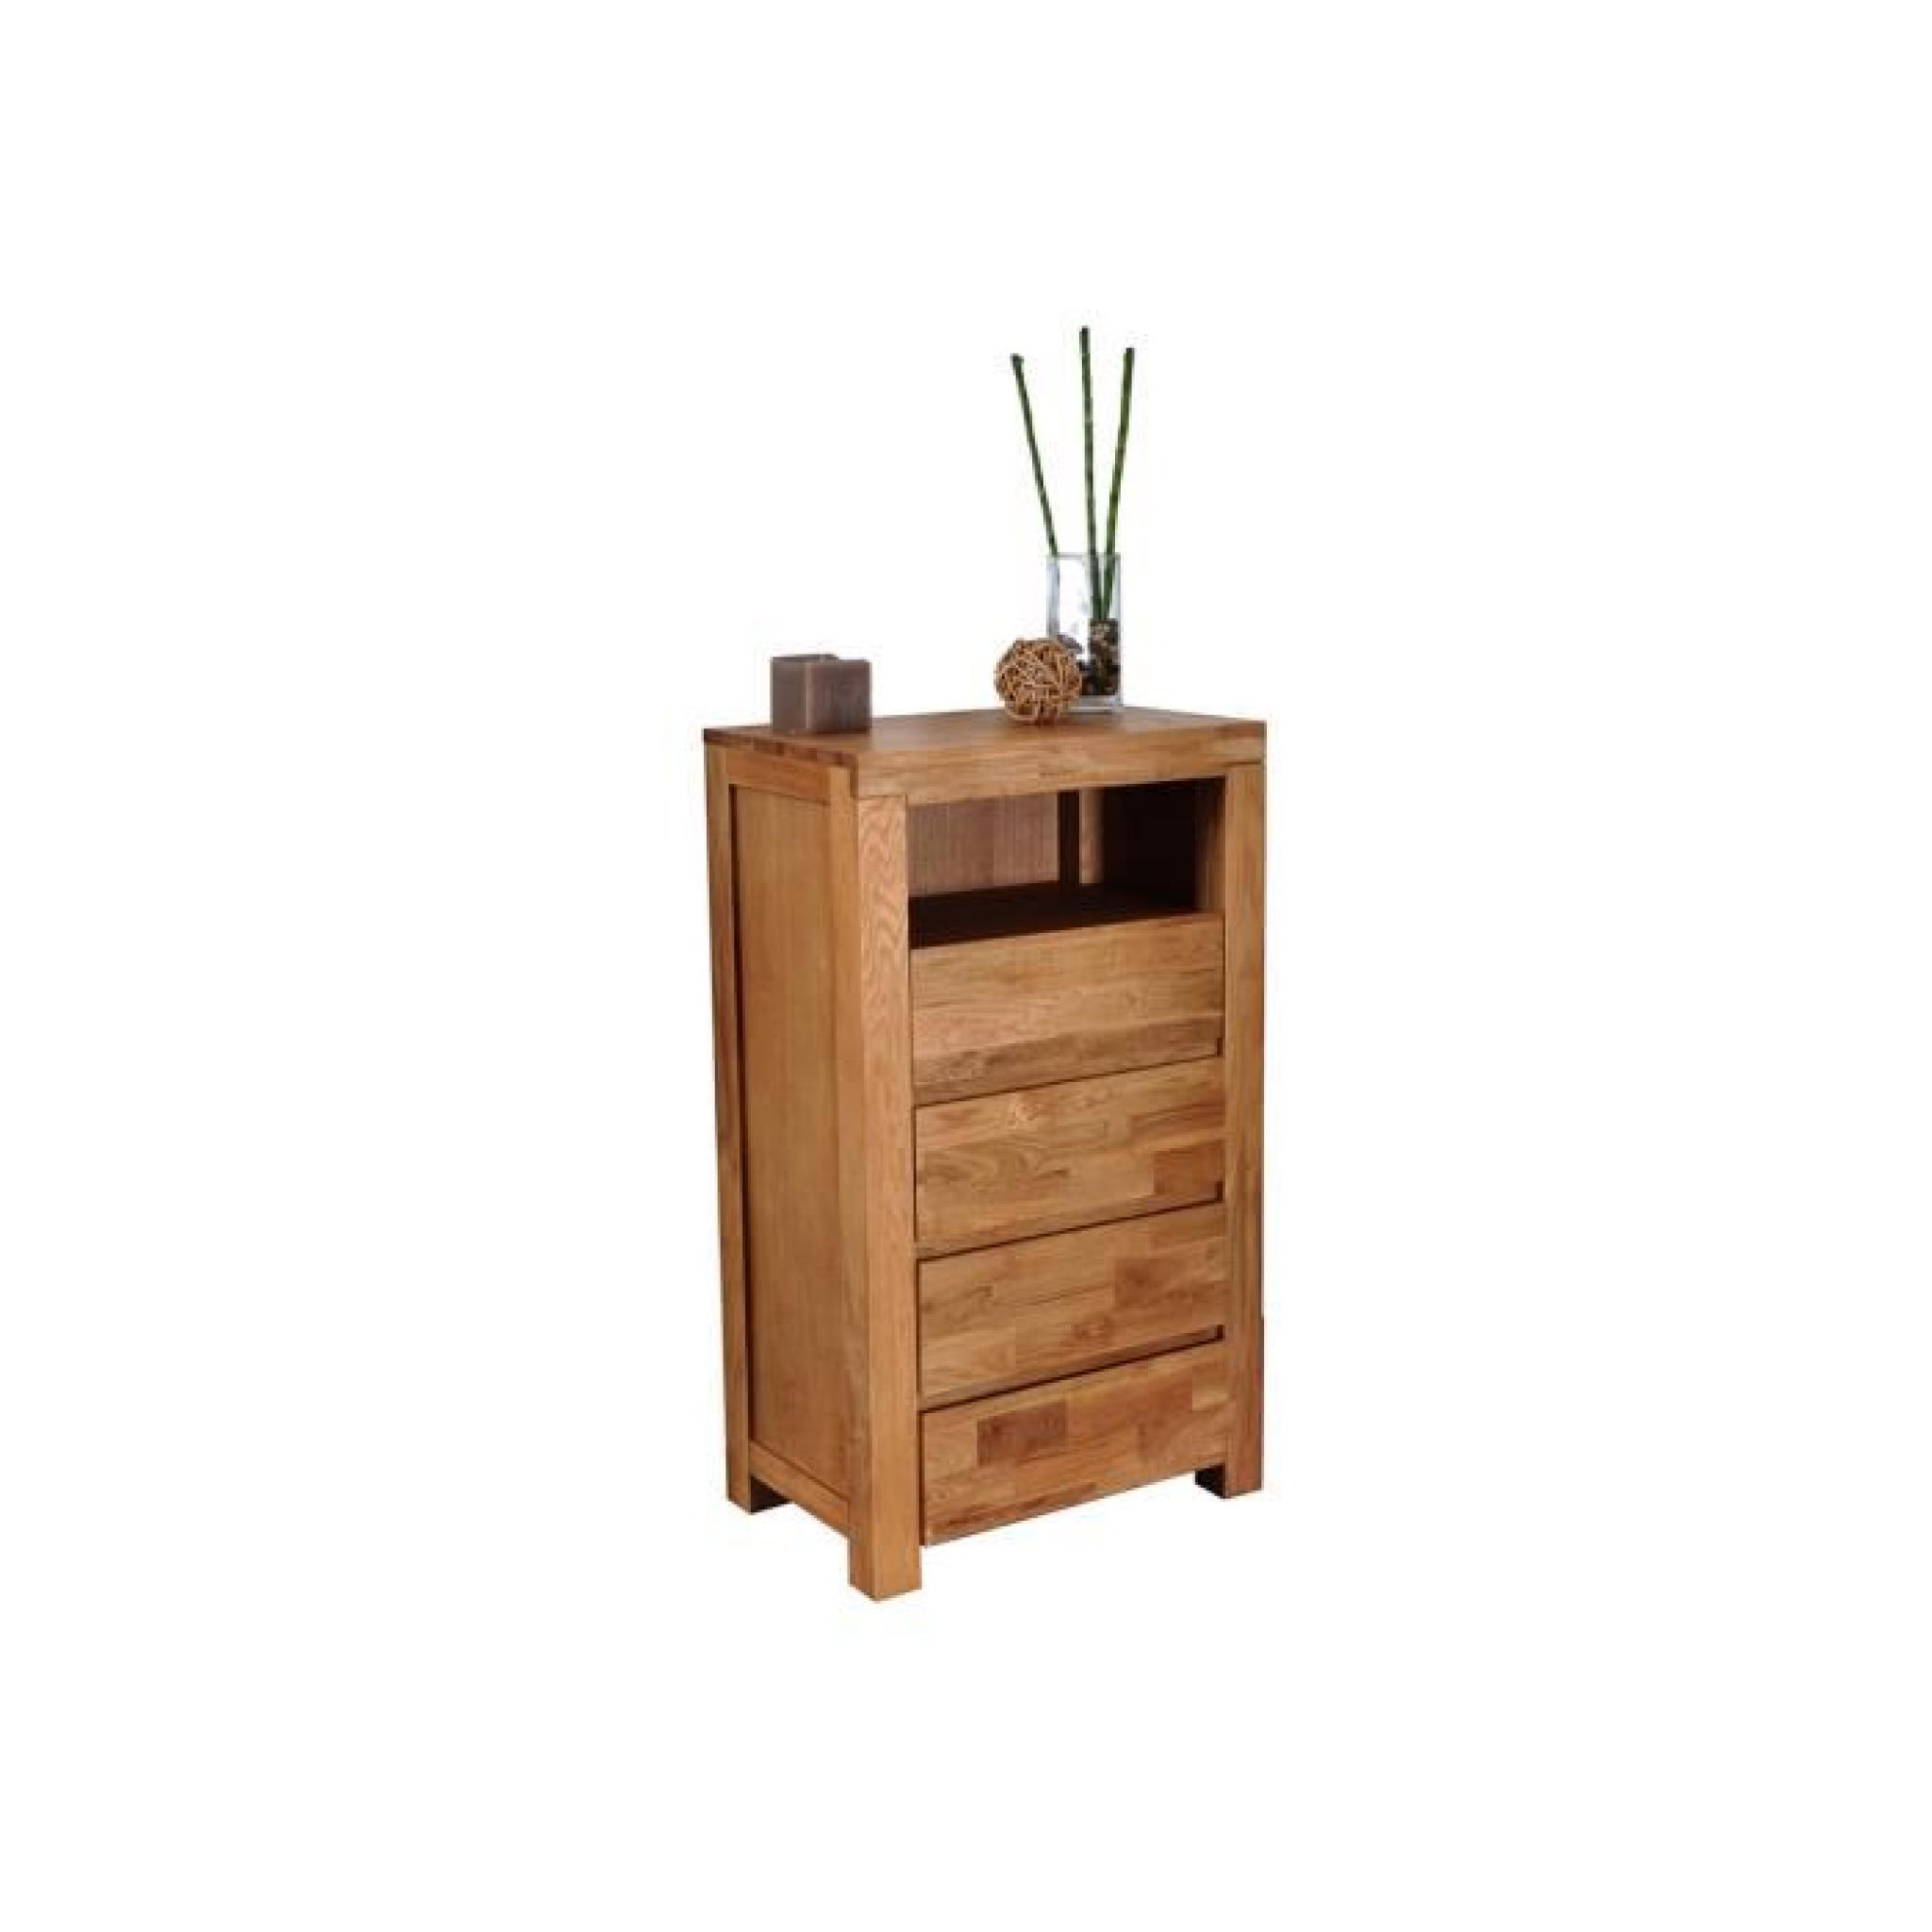 chiffonnier 4 tiroirs ch ne clair tiny achat vente commode pas cher couleur et. Black Bedroom Furniture Sets. Home Design Ideas